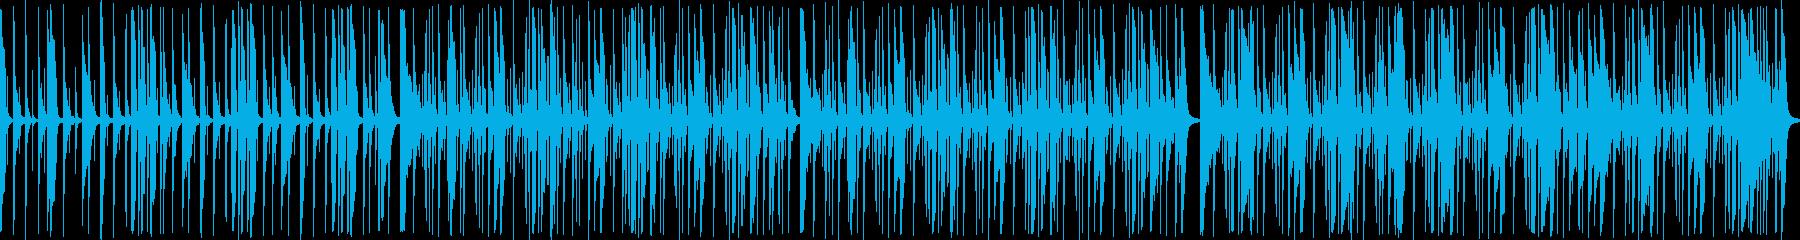 かっこいい響きでリズミカルなメロディーの再生済みの波形